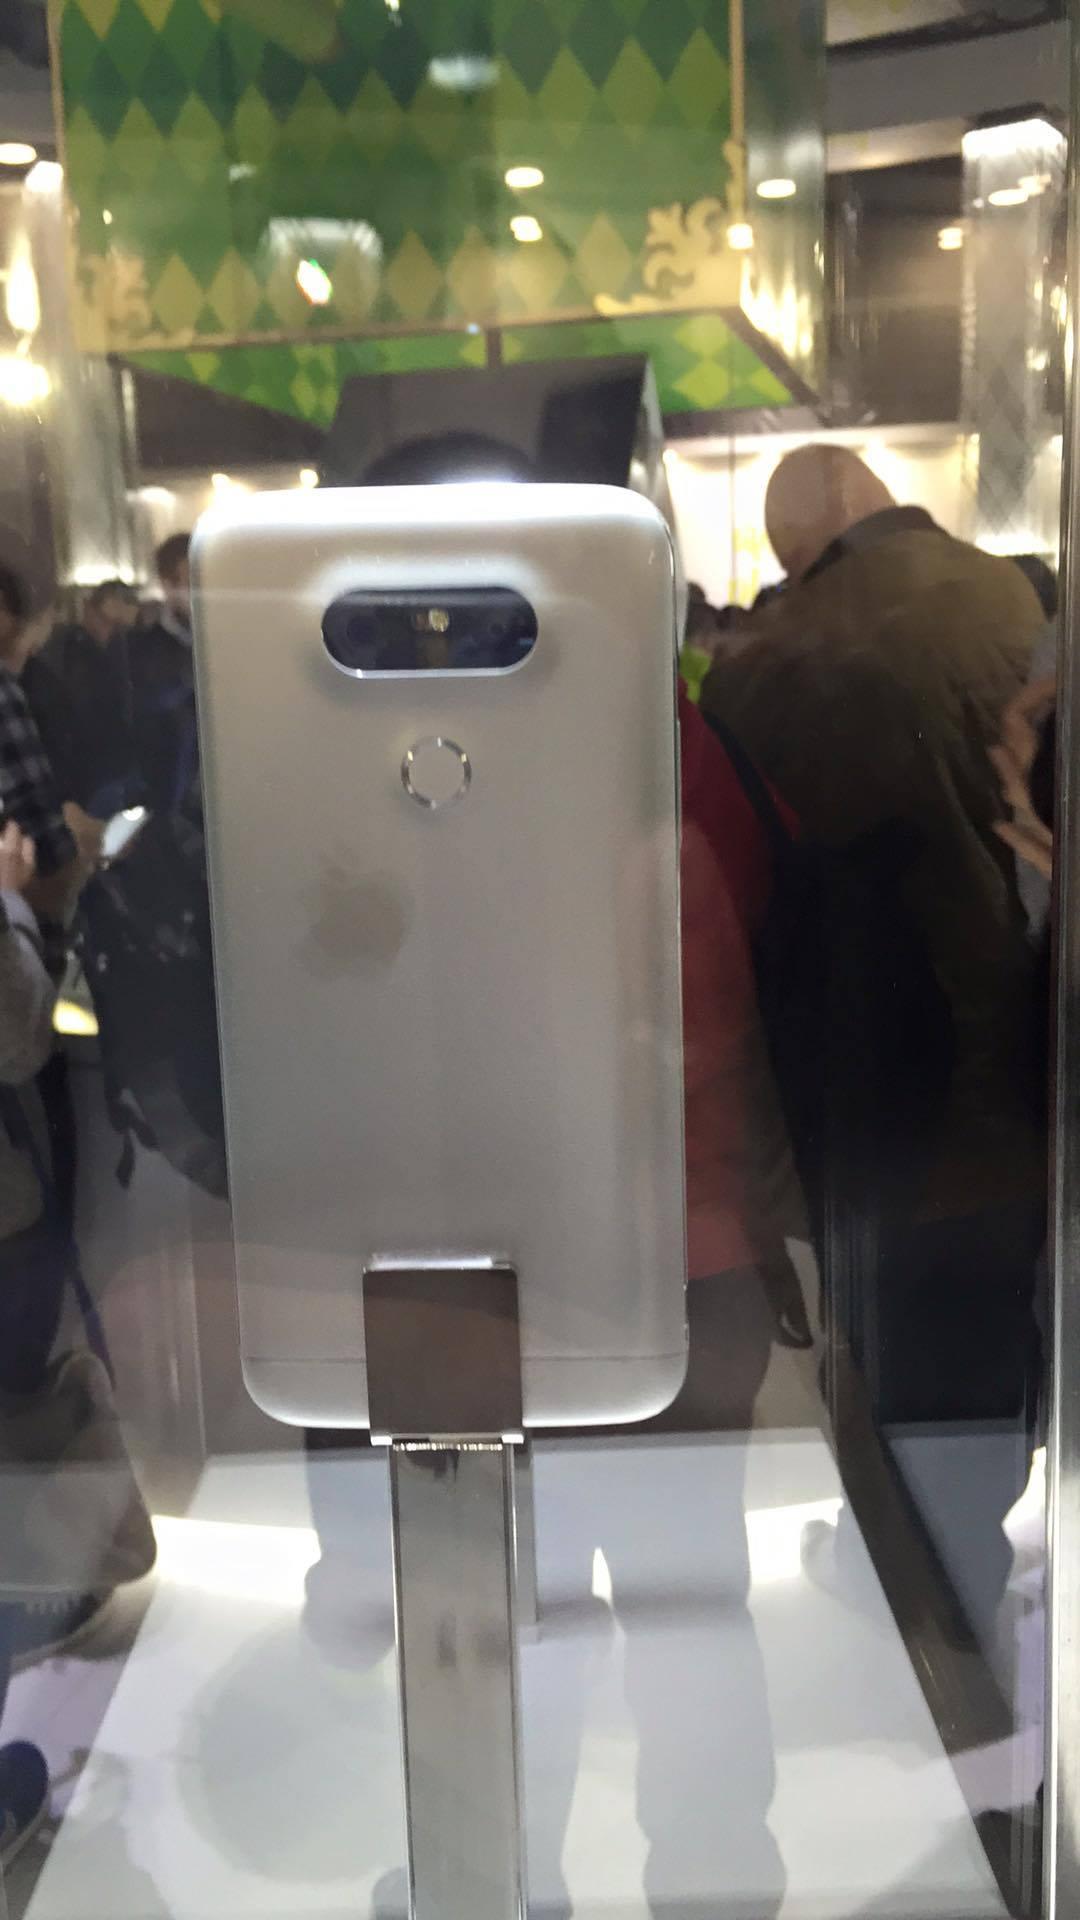 LG-G5-akilli-telefon-canli-yayin-technopat (2)